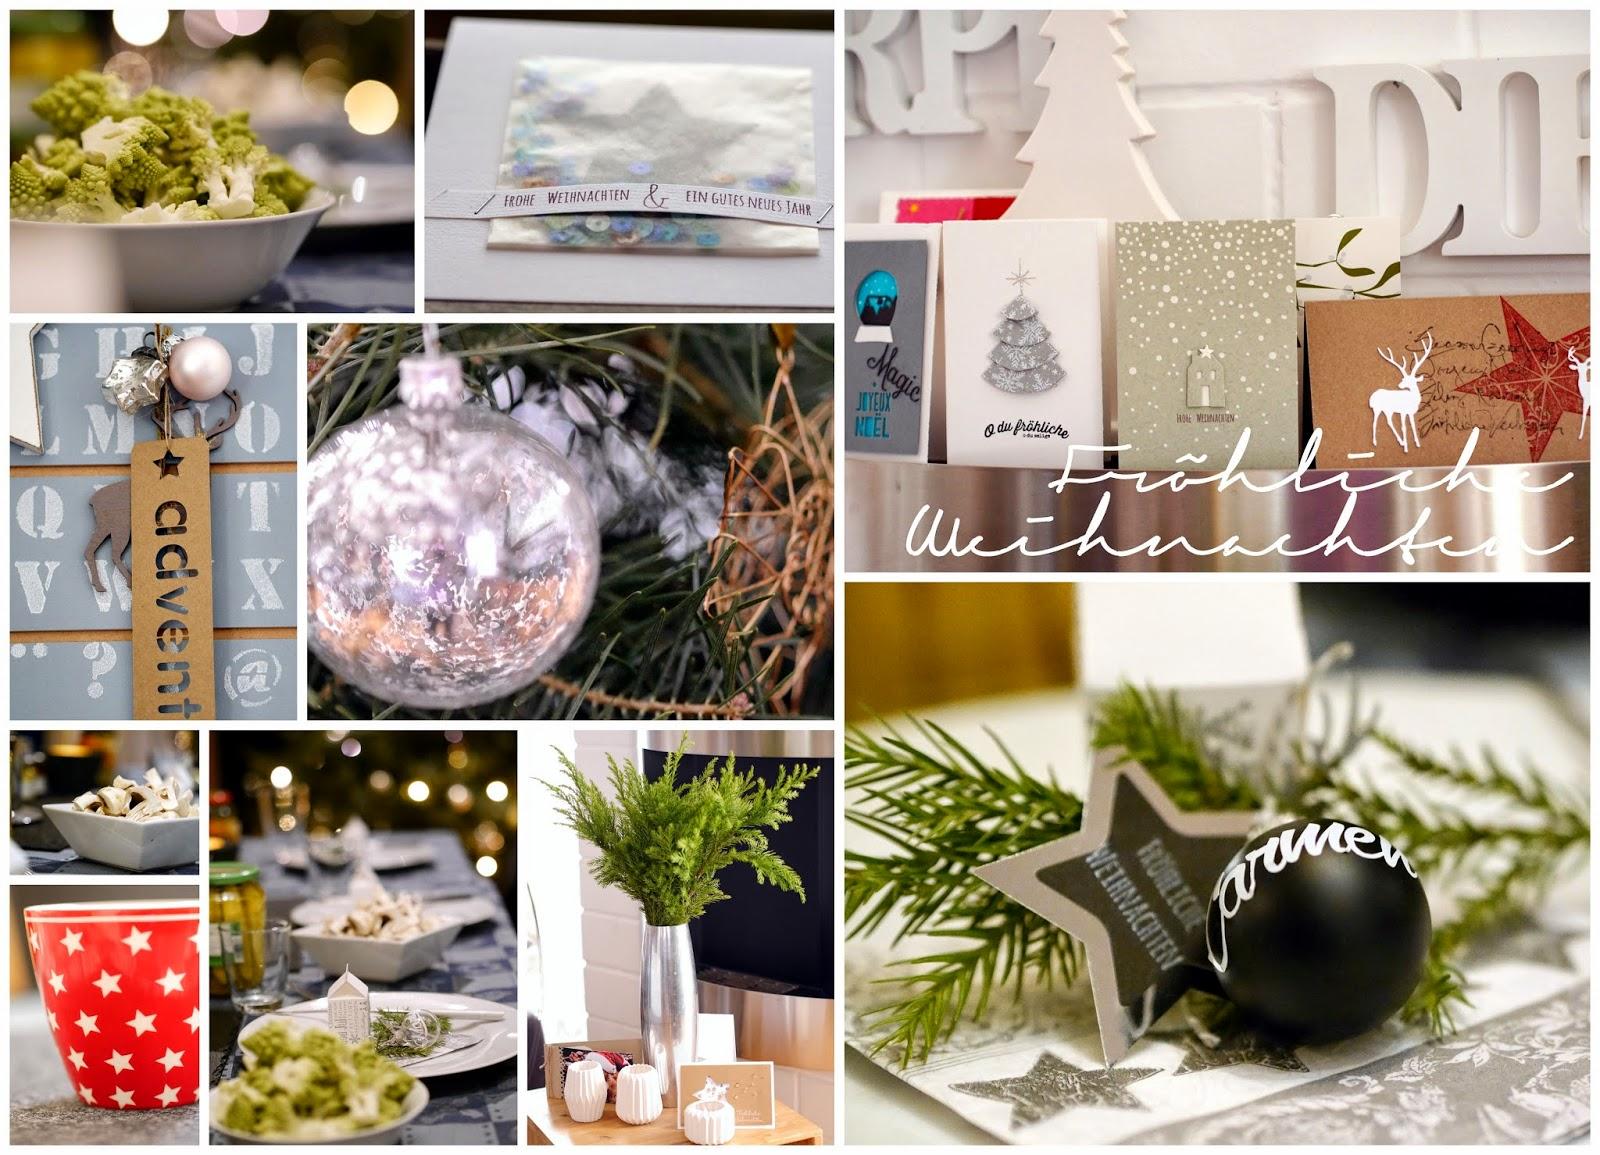 inkystamp fr hliche weihnachten und einen guten rutsch. Black Bedroom Furniture Sets. Home Design Ideas